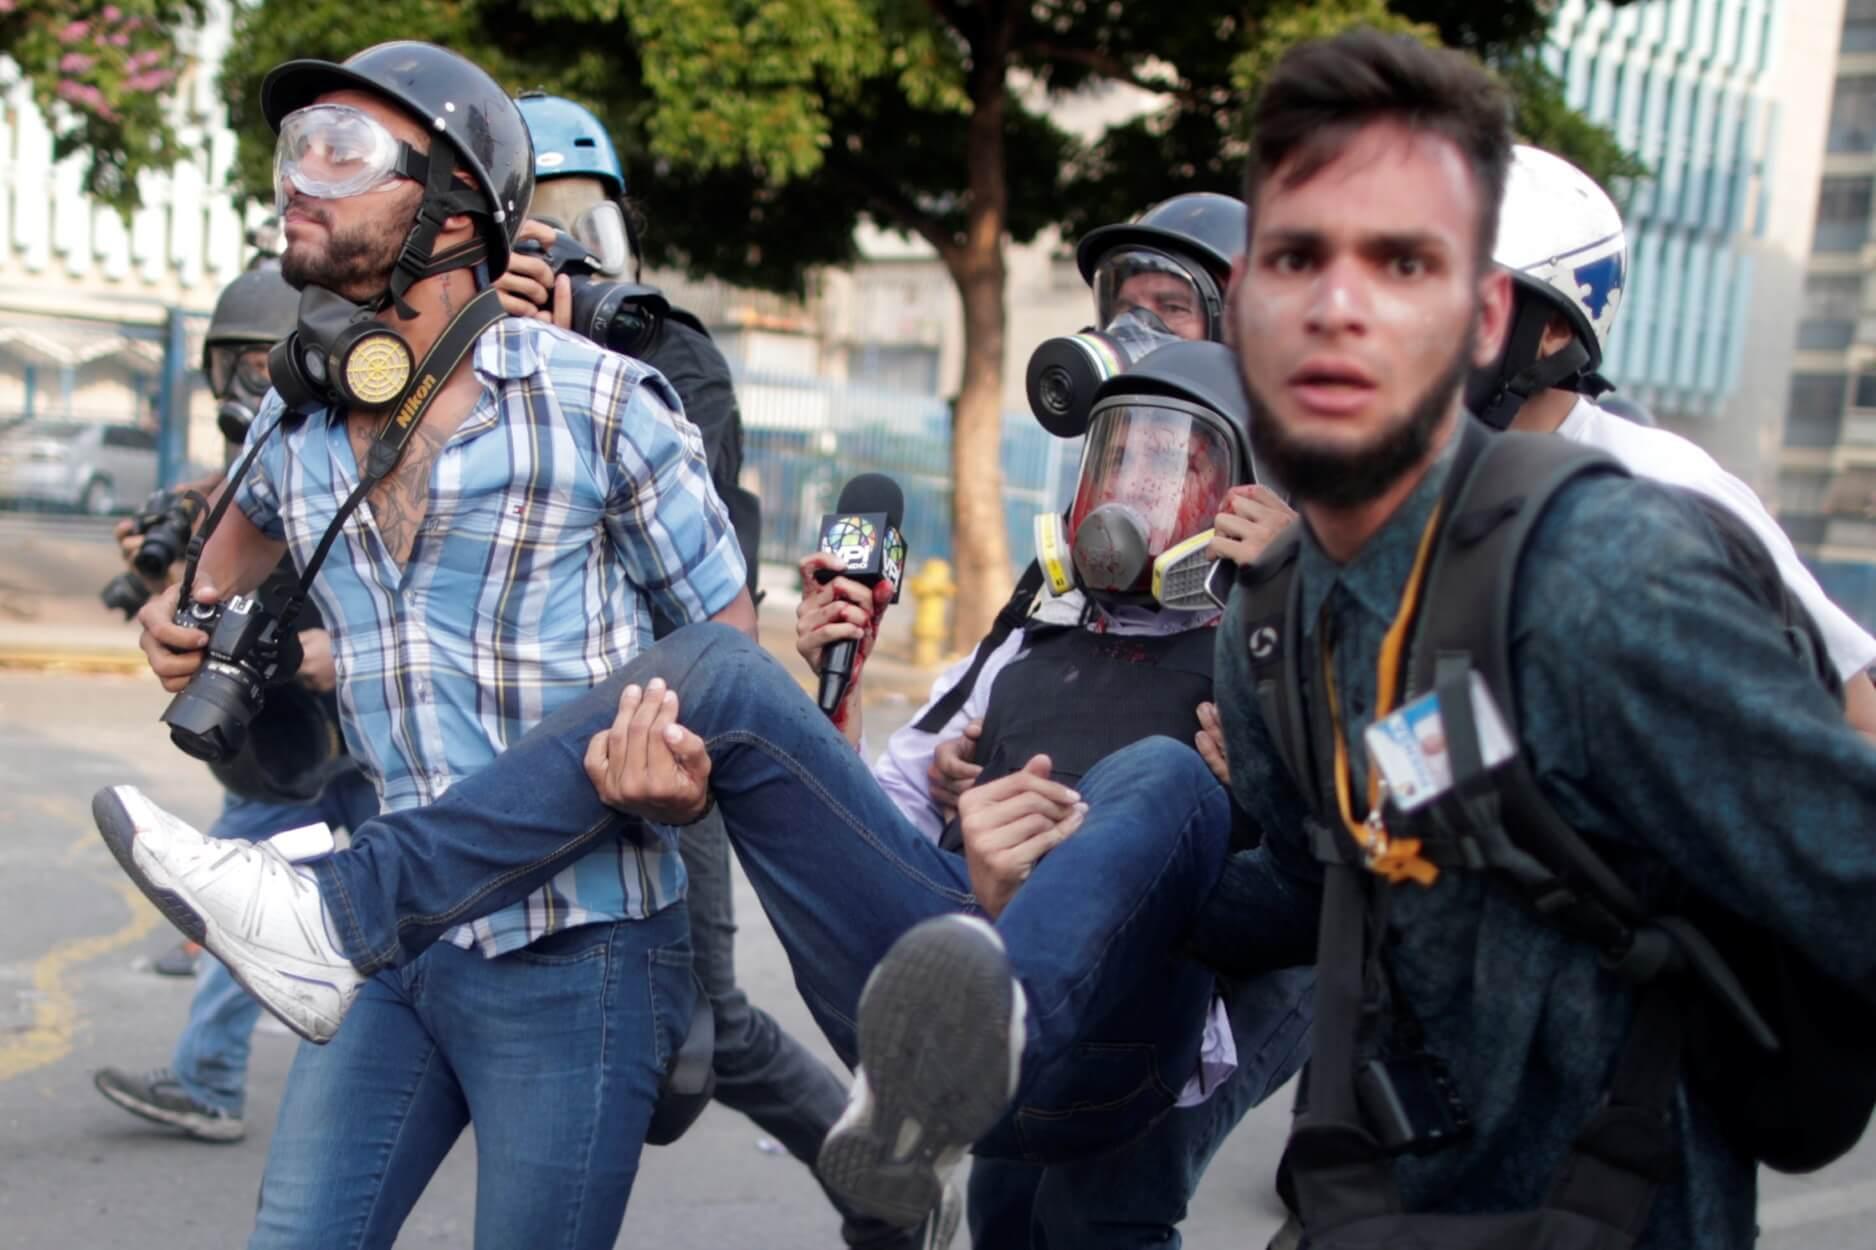 Βενεζουέλα: Χύθηκε το πρώτο αίμα λέει η Αντιπολίτευση - Γενική απεργία θέλει ο Γκουαϊδό